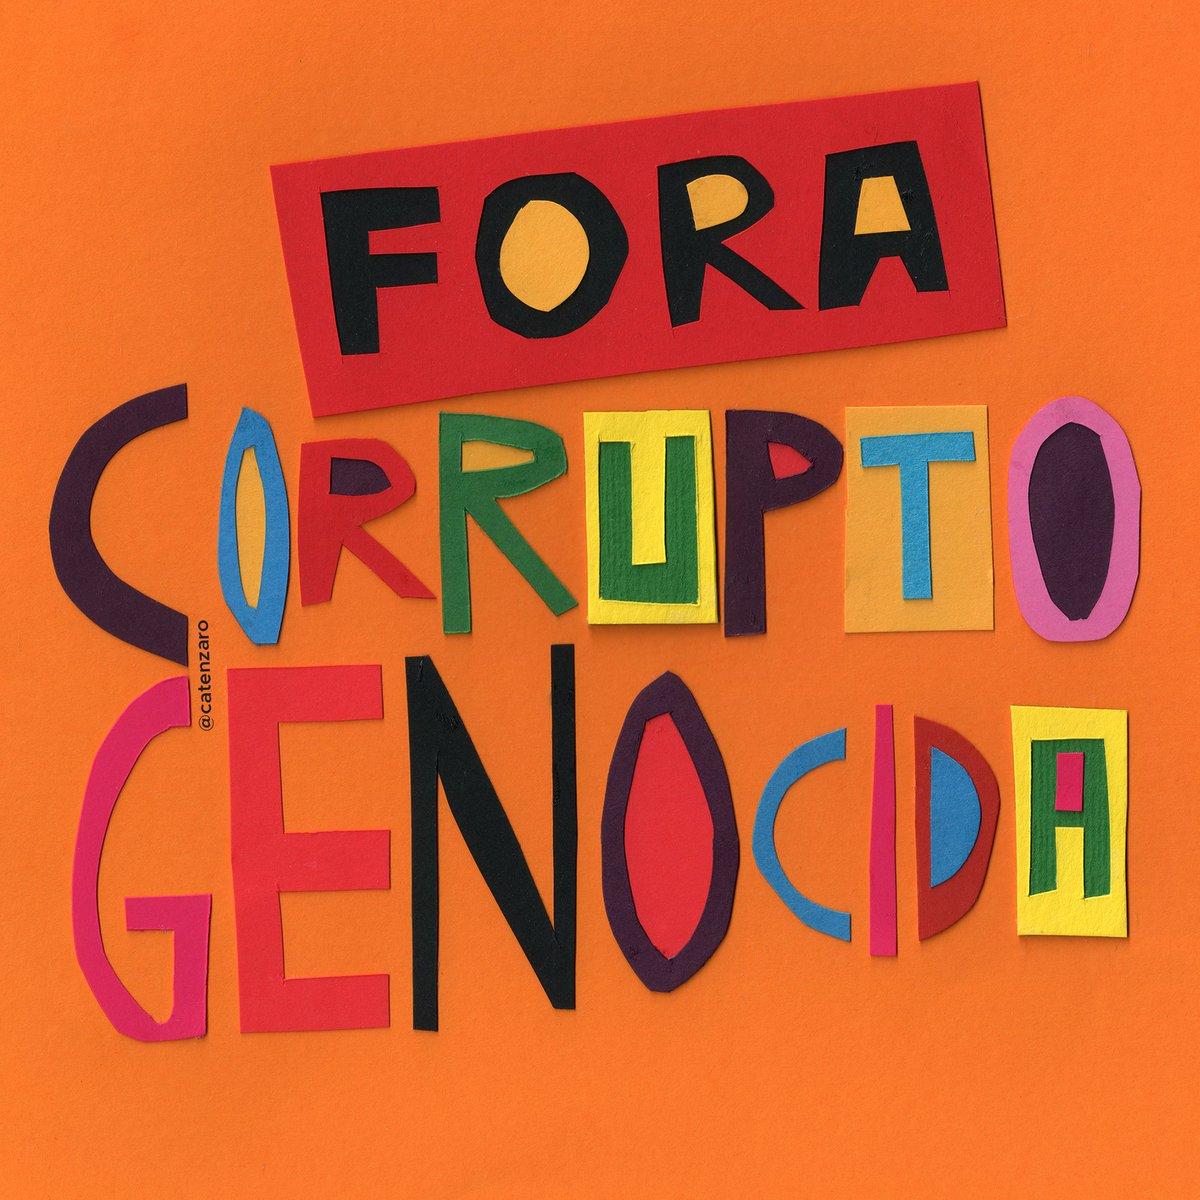 #24J o povo nas ruas!! >> Amanhã (24), a partir das 10h, na Praça do Derby | Recife!! ✊🏿 #ForaBolsonaro https://t.co/UjdwxoOrsw